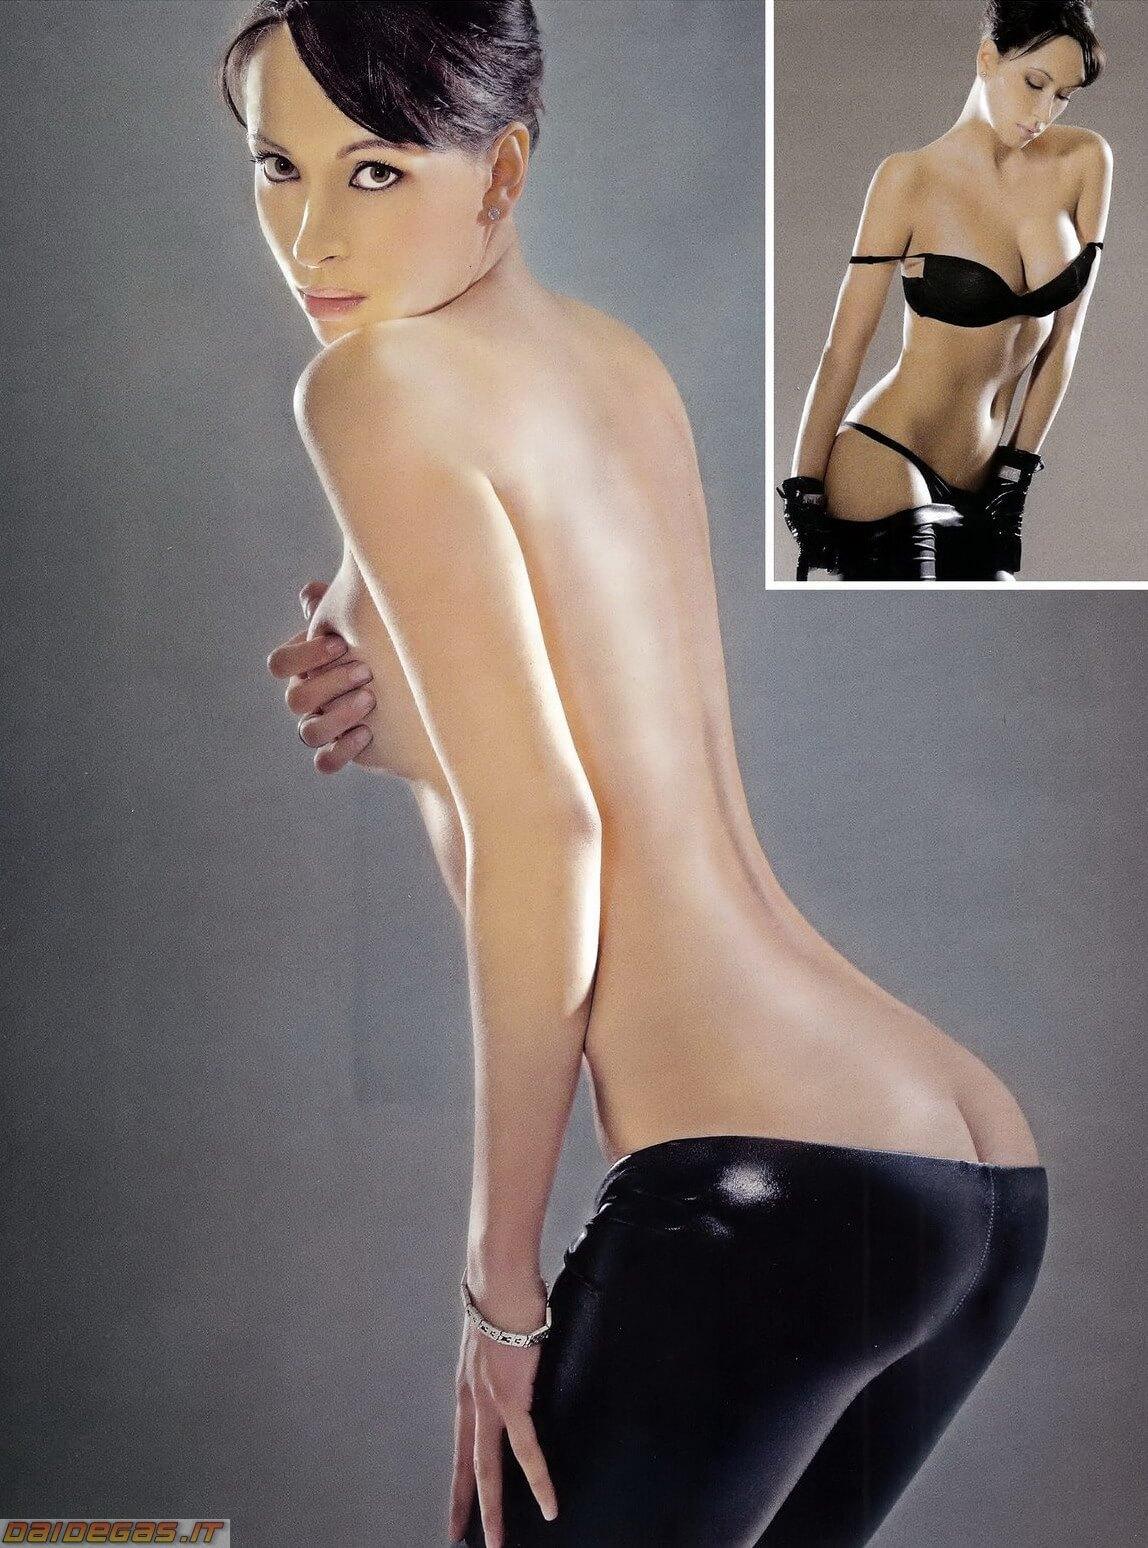 Manuela-Raffaeta-spogliarello-sexy-culo-